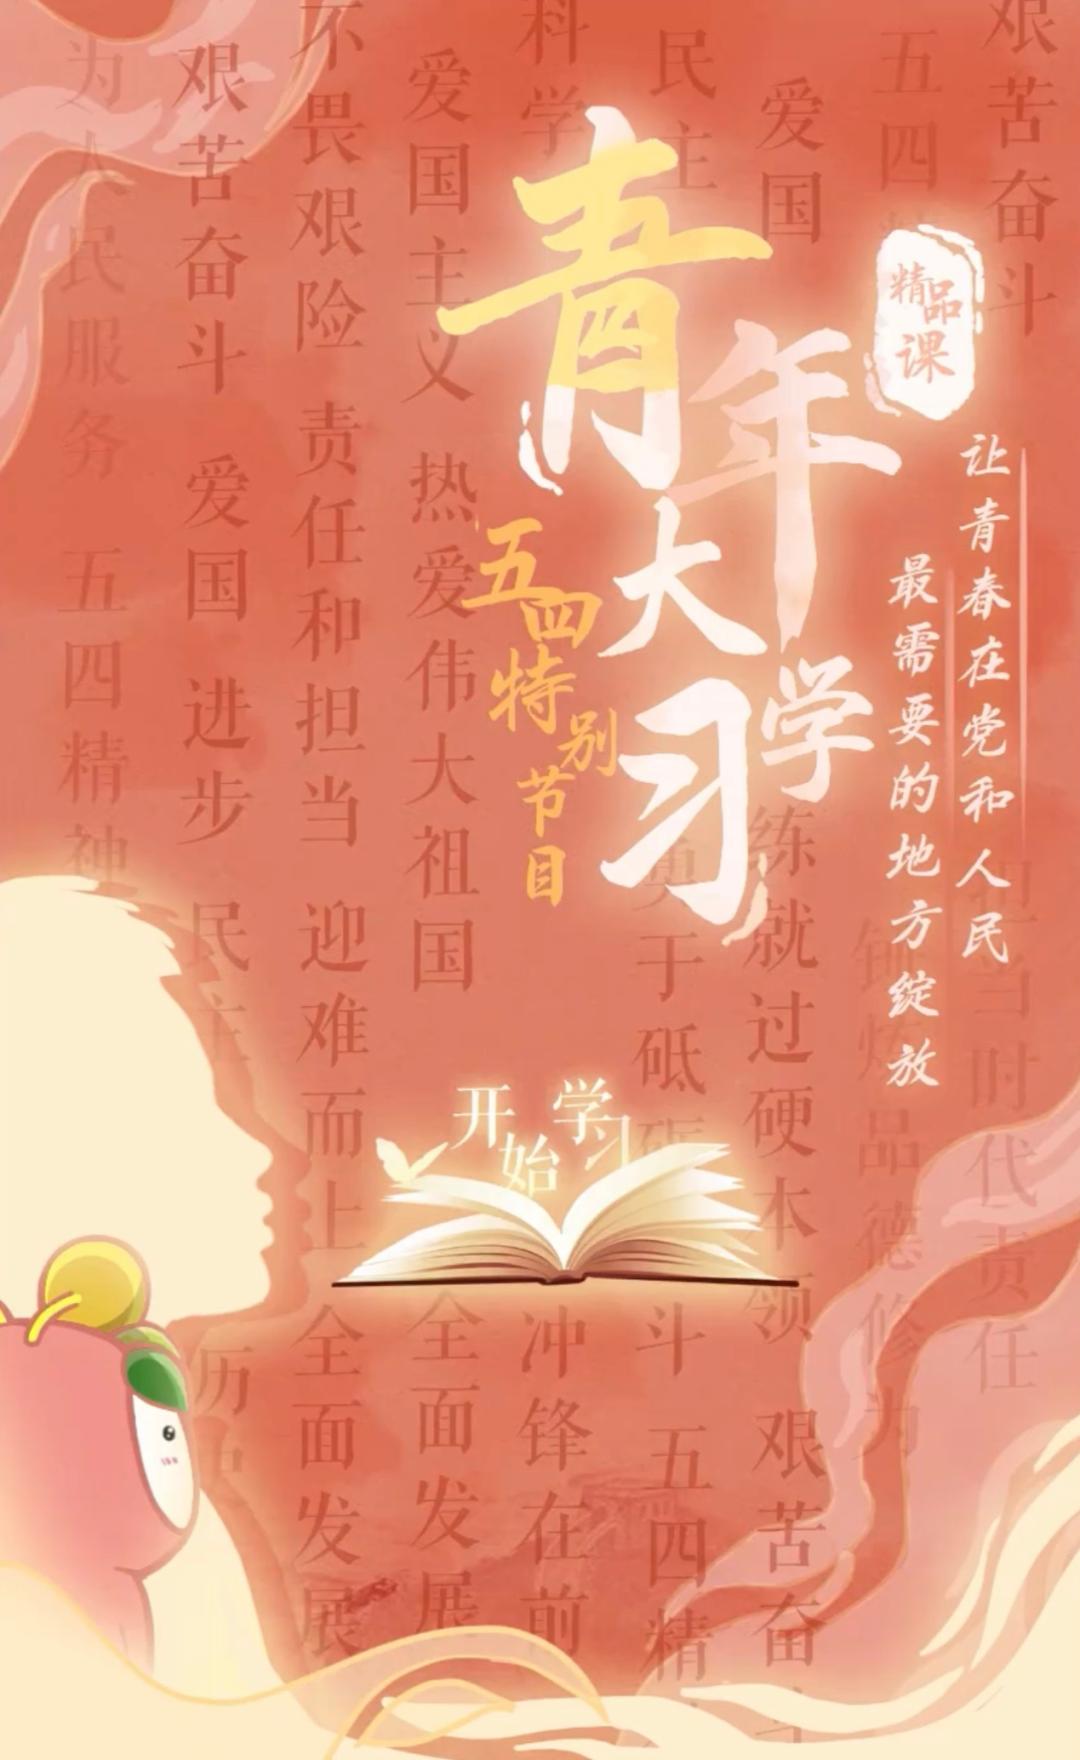 学党史 强信念 跟党走—云南大学开展系列党史学习教育活动